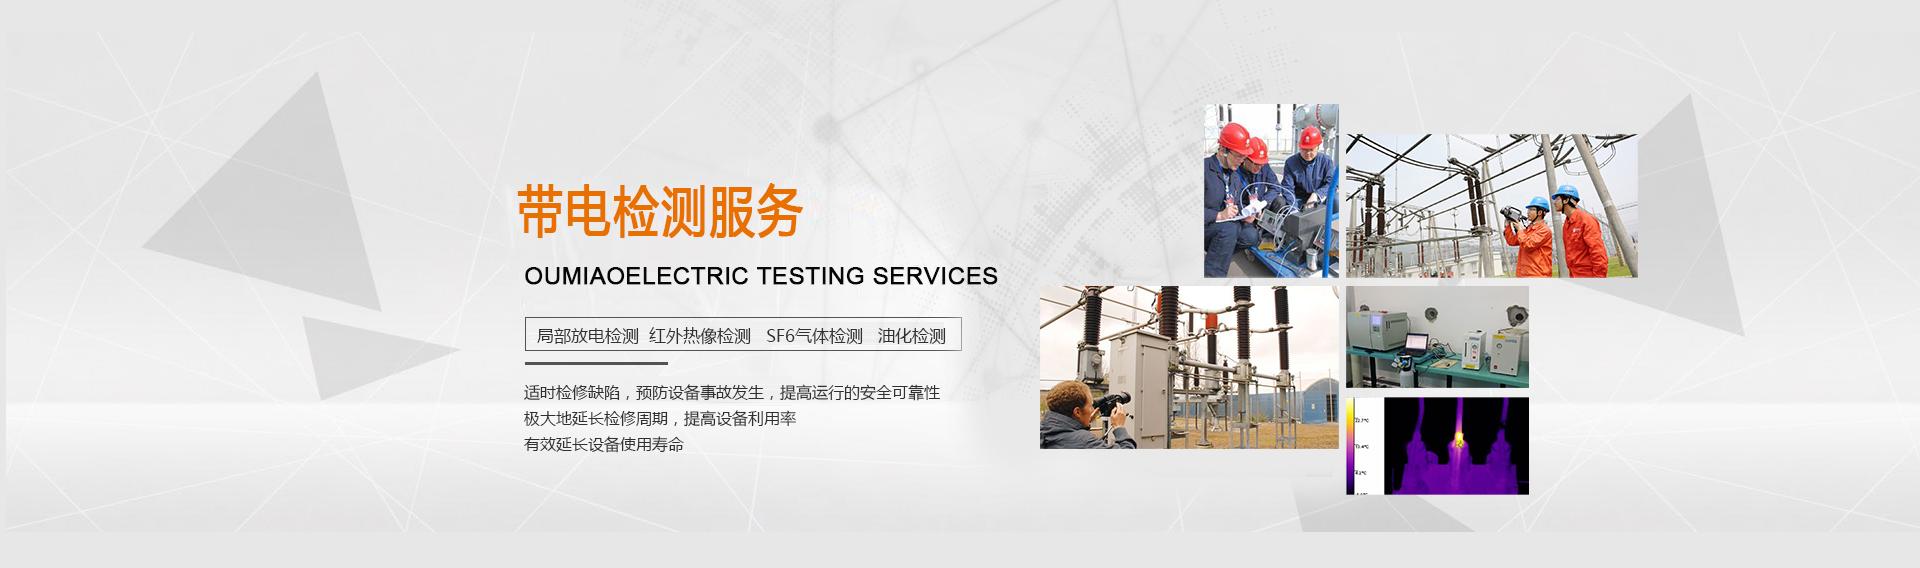 带电检测服务